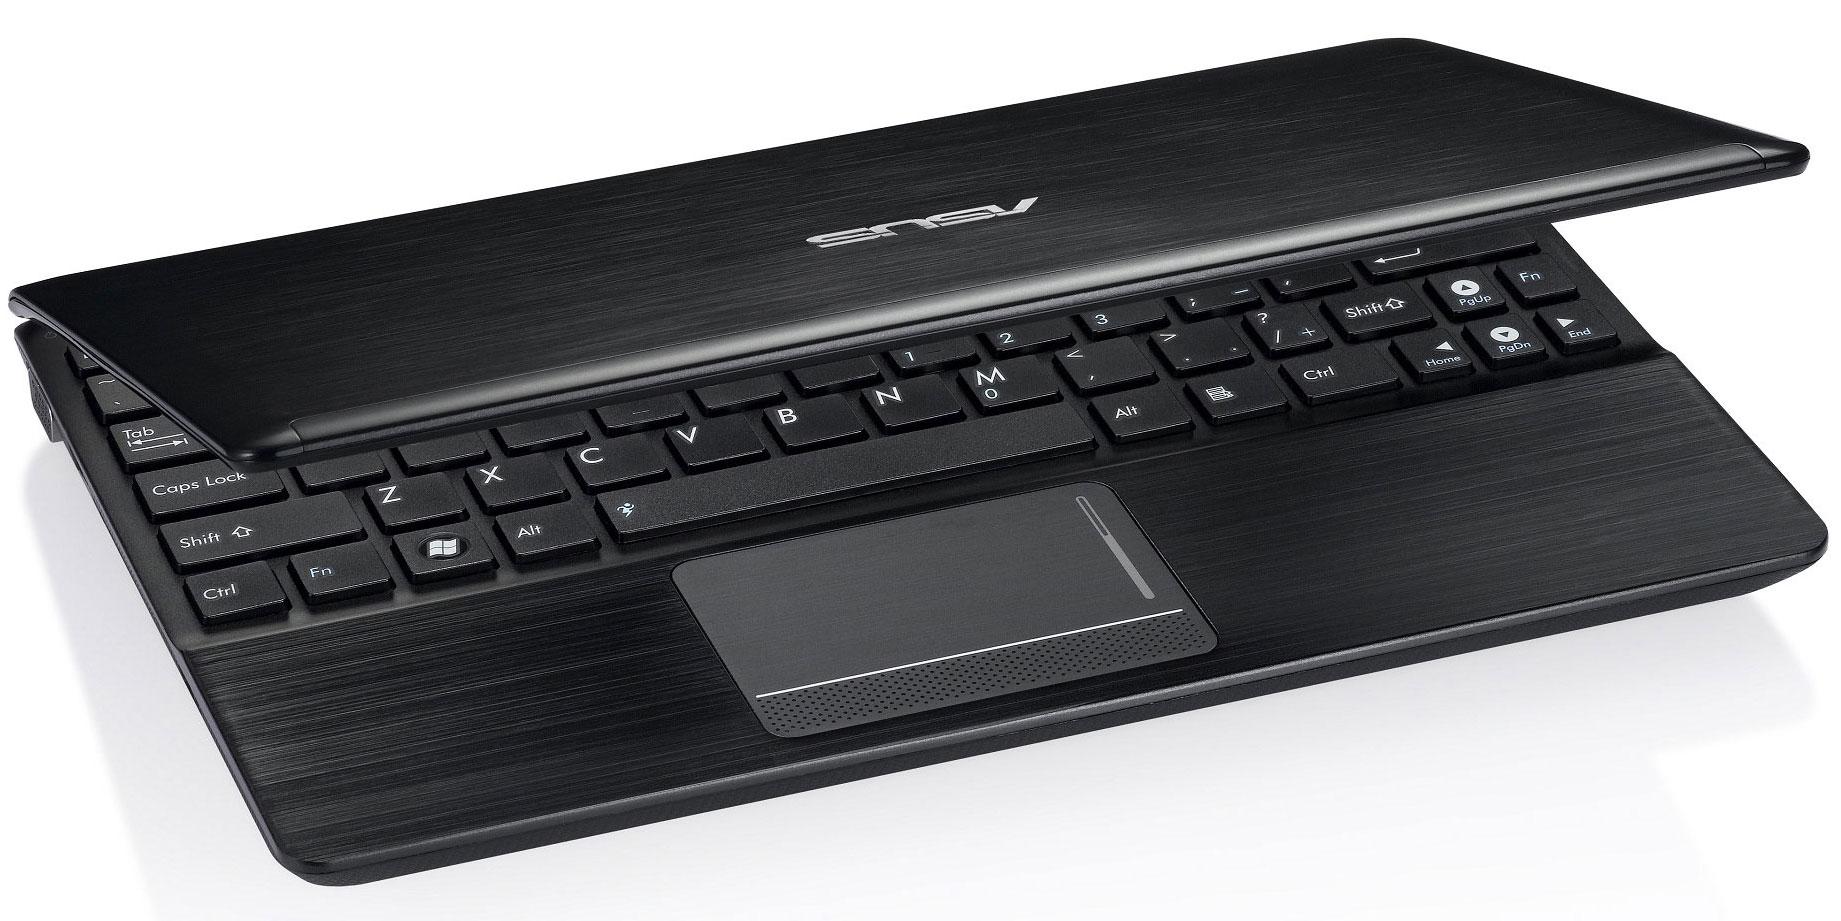 Laptop: Asus Laptop